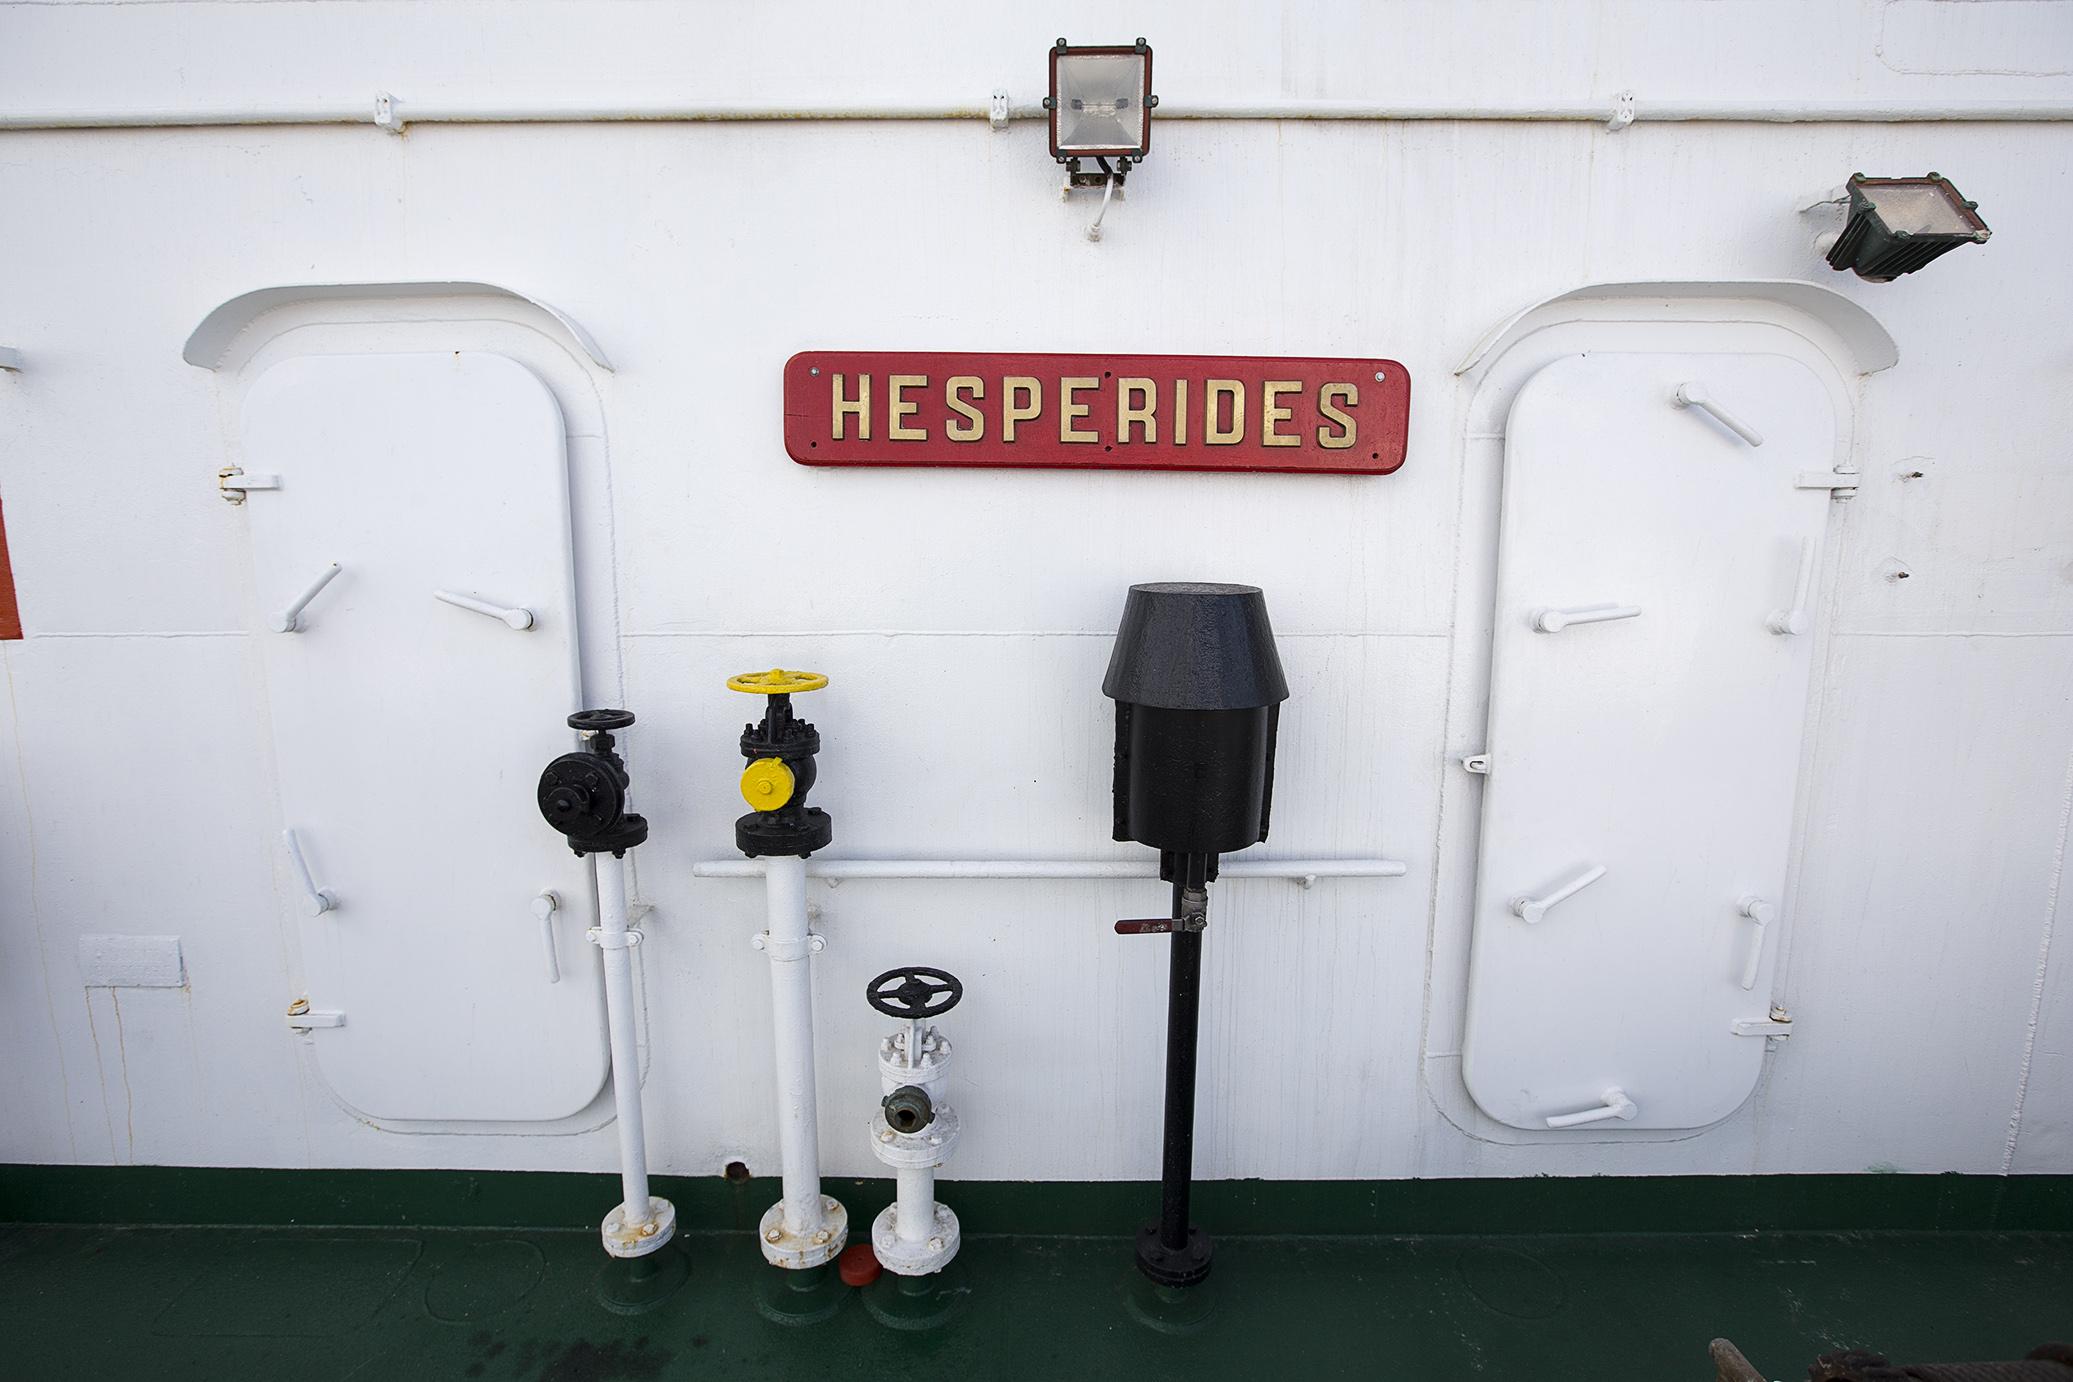 hesperides05